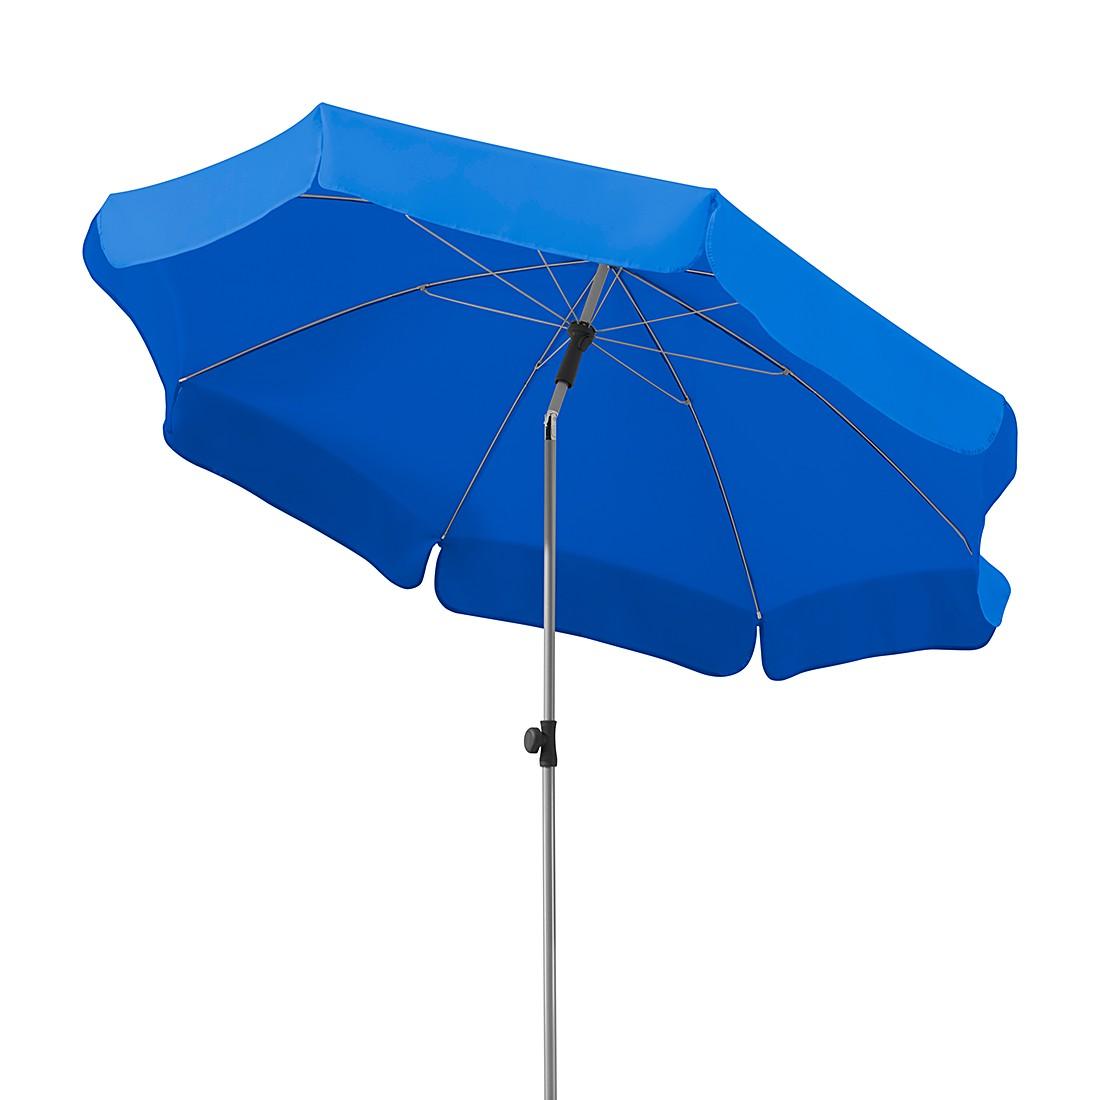 Lugano 200 Sonnenschirm - Stahl/Polyester - Silber/Royalblau, Schneider Schirme